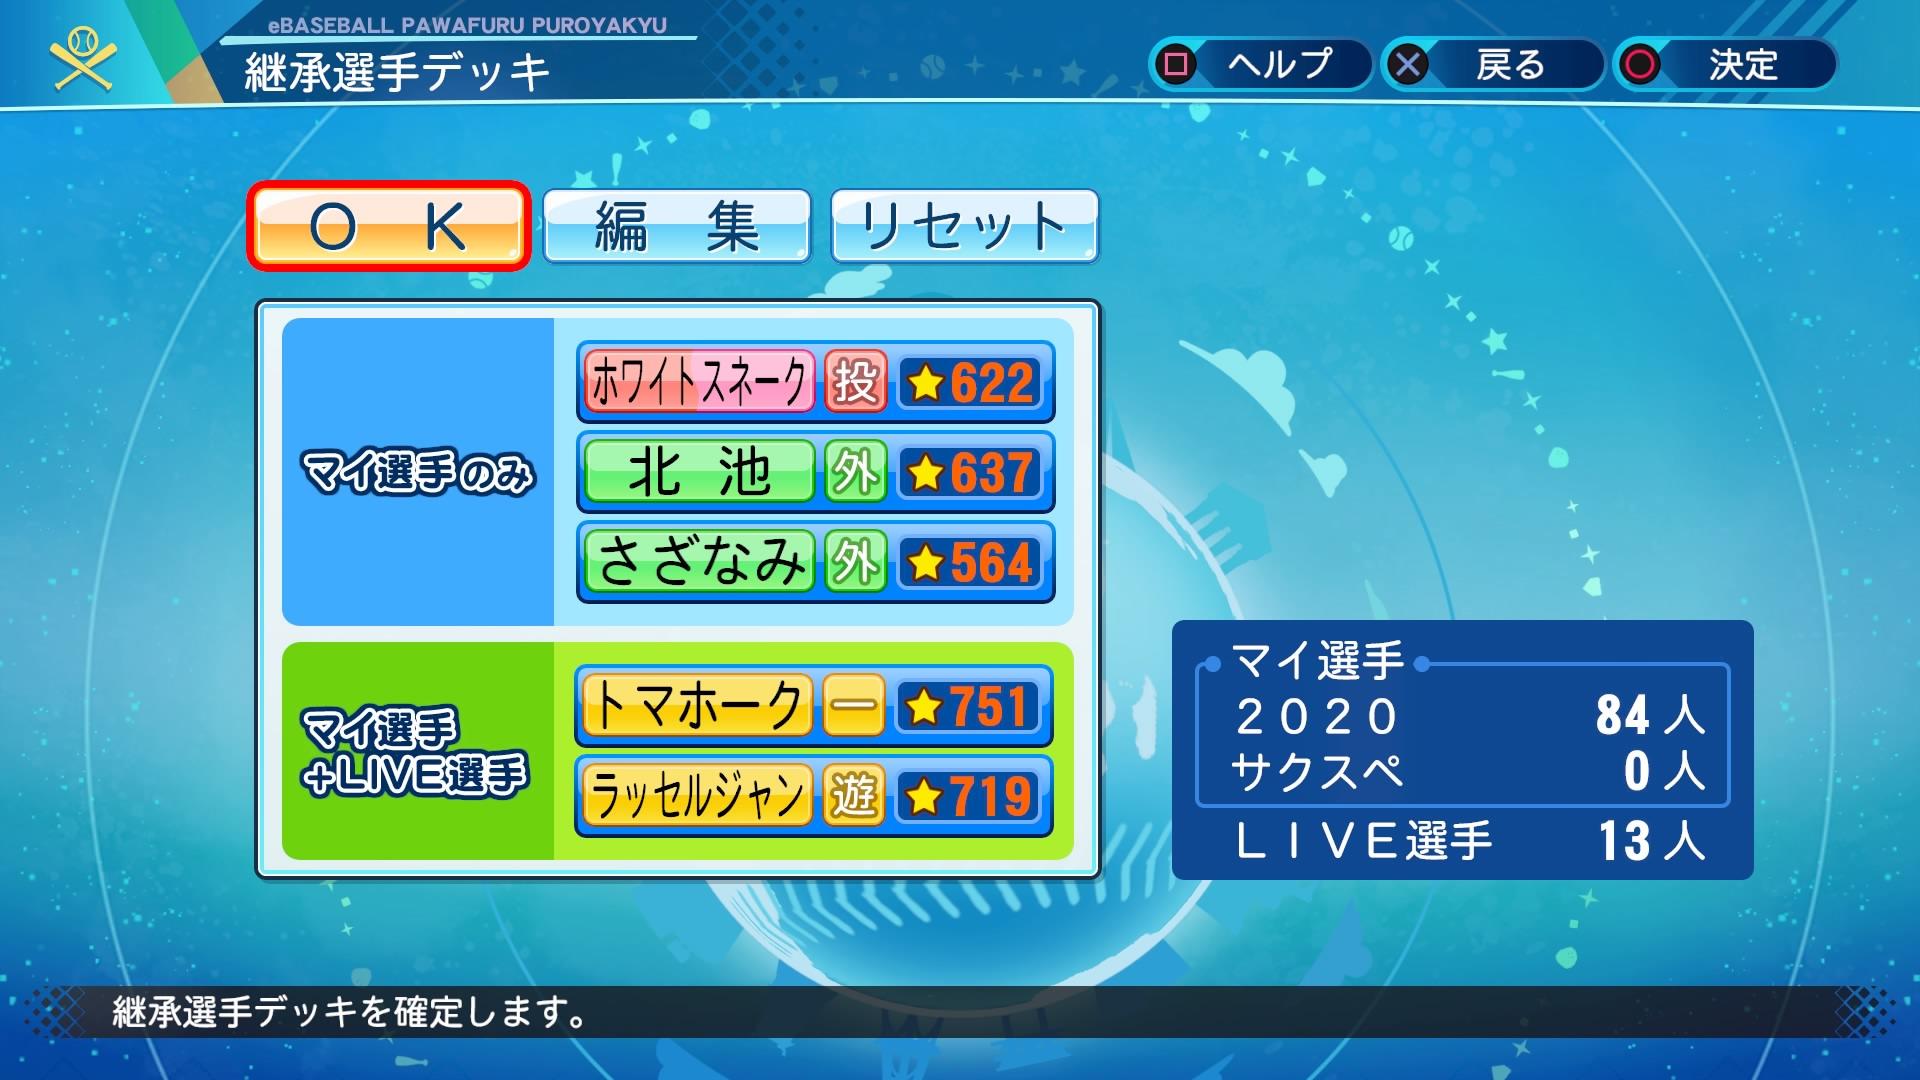 EklGT55VoAEGp2K.jpg